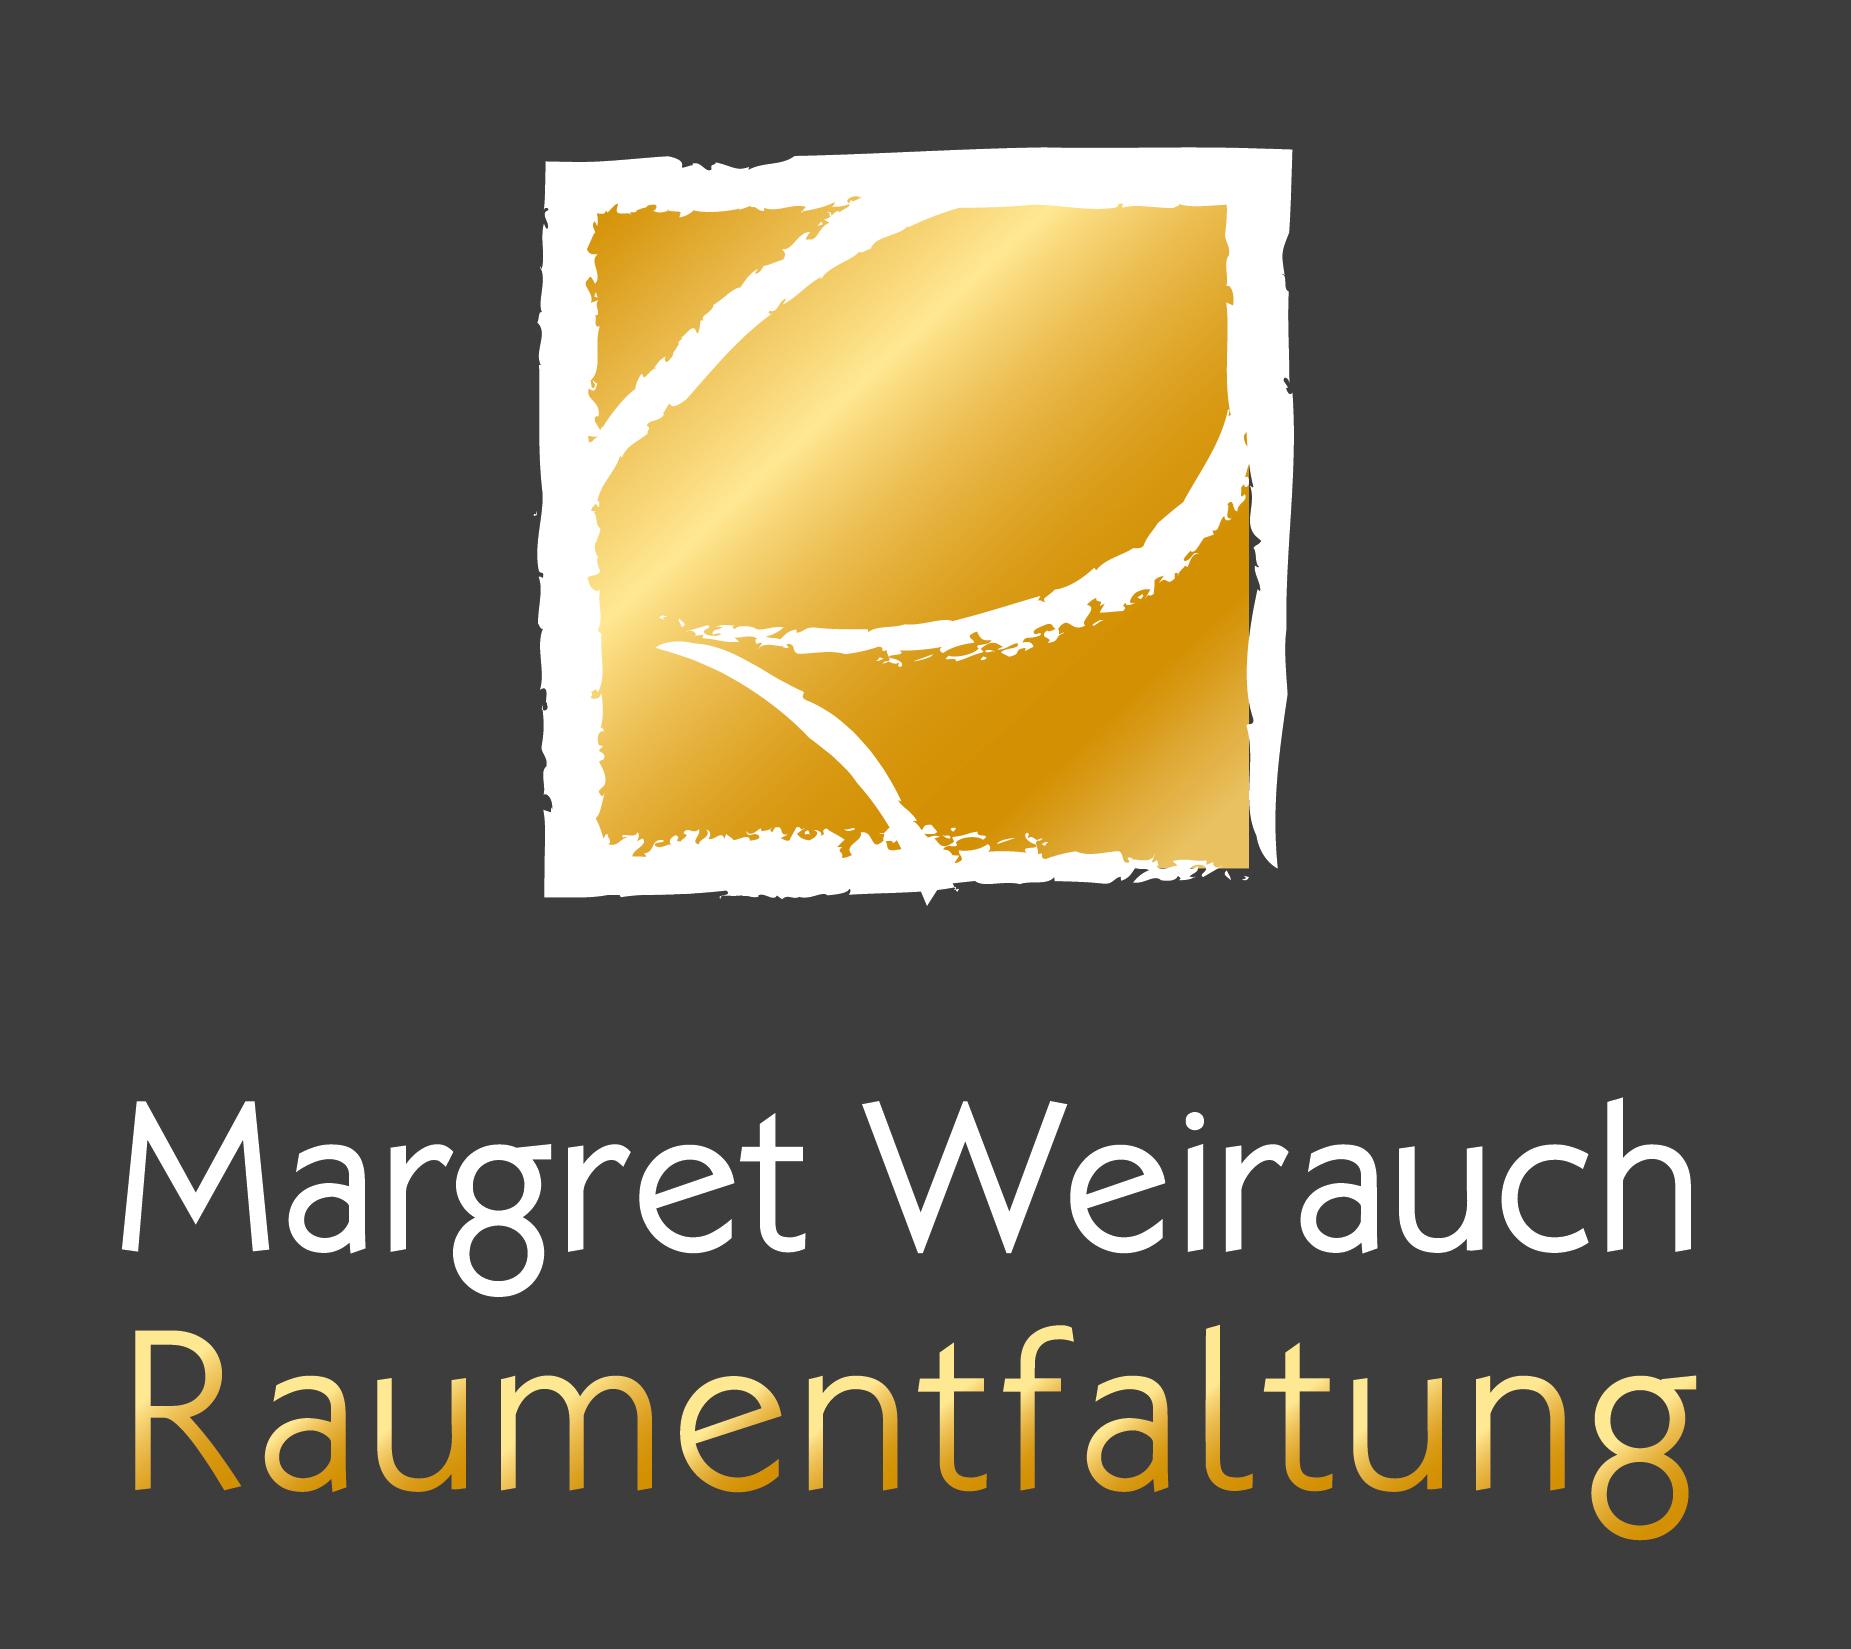 Margret Weirauch Raumentfaltung